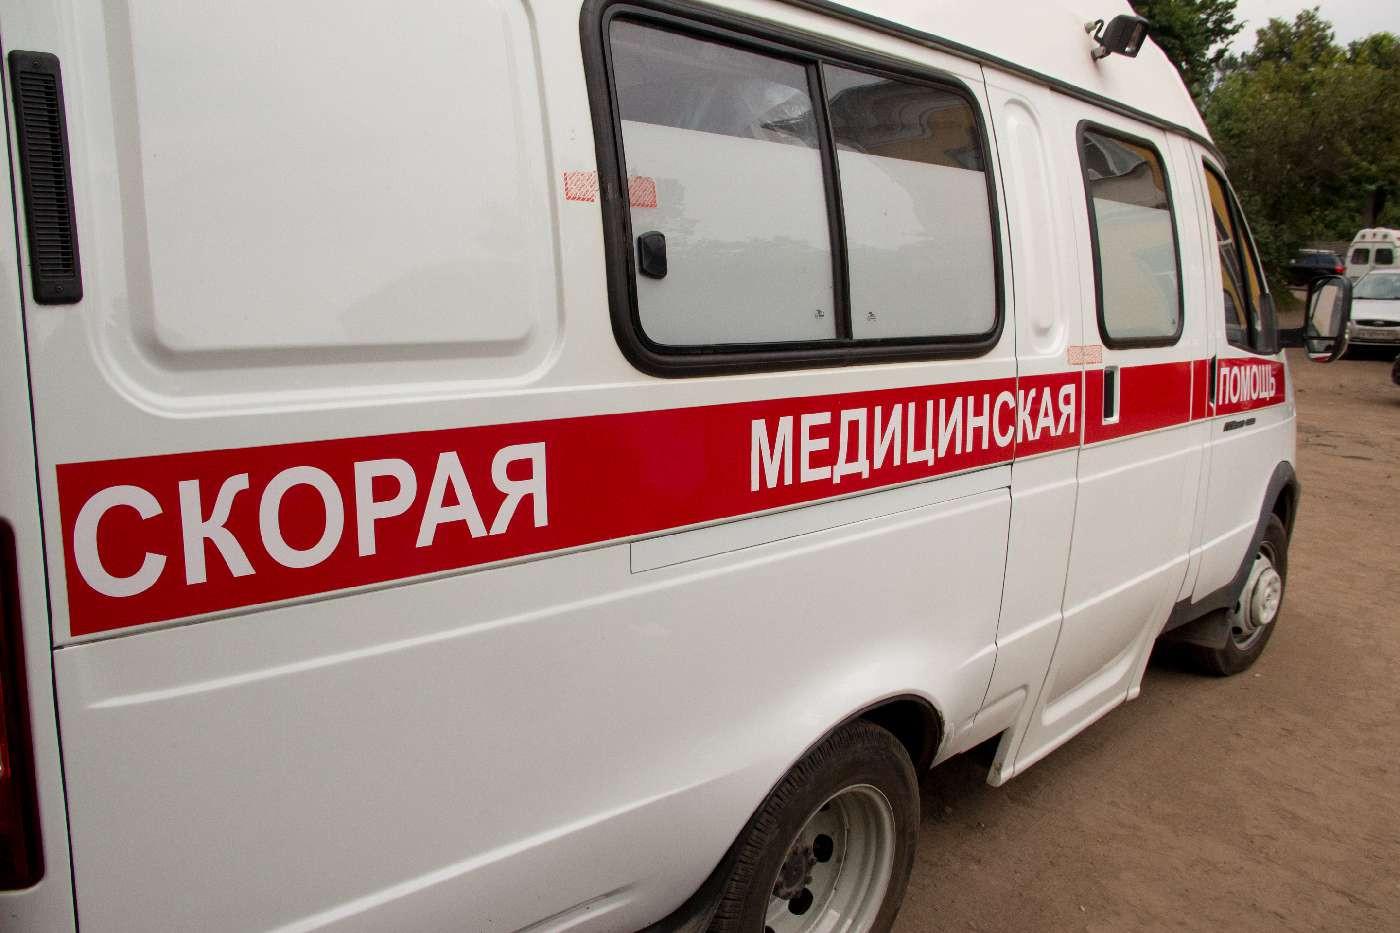 Произошел взрыв бытового газа под Сергиевым Посадом вПодмосковье